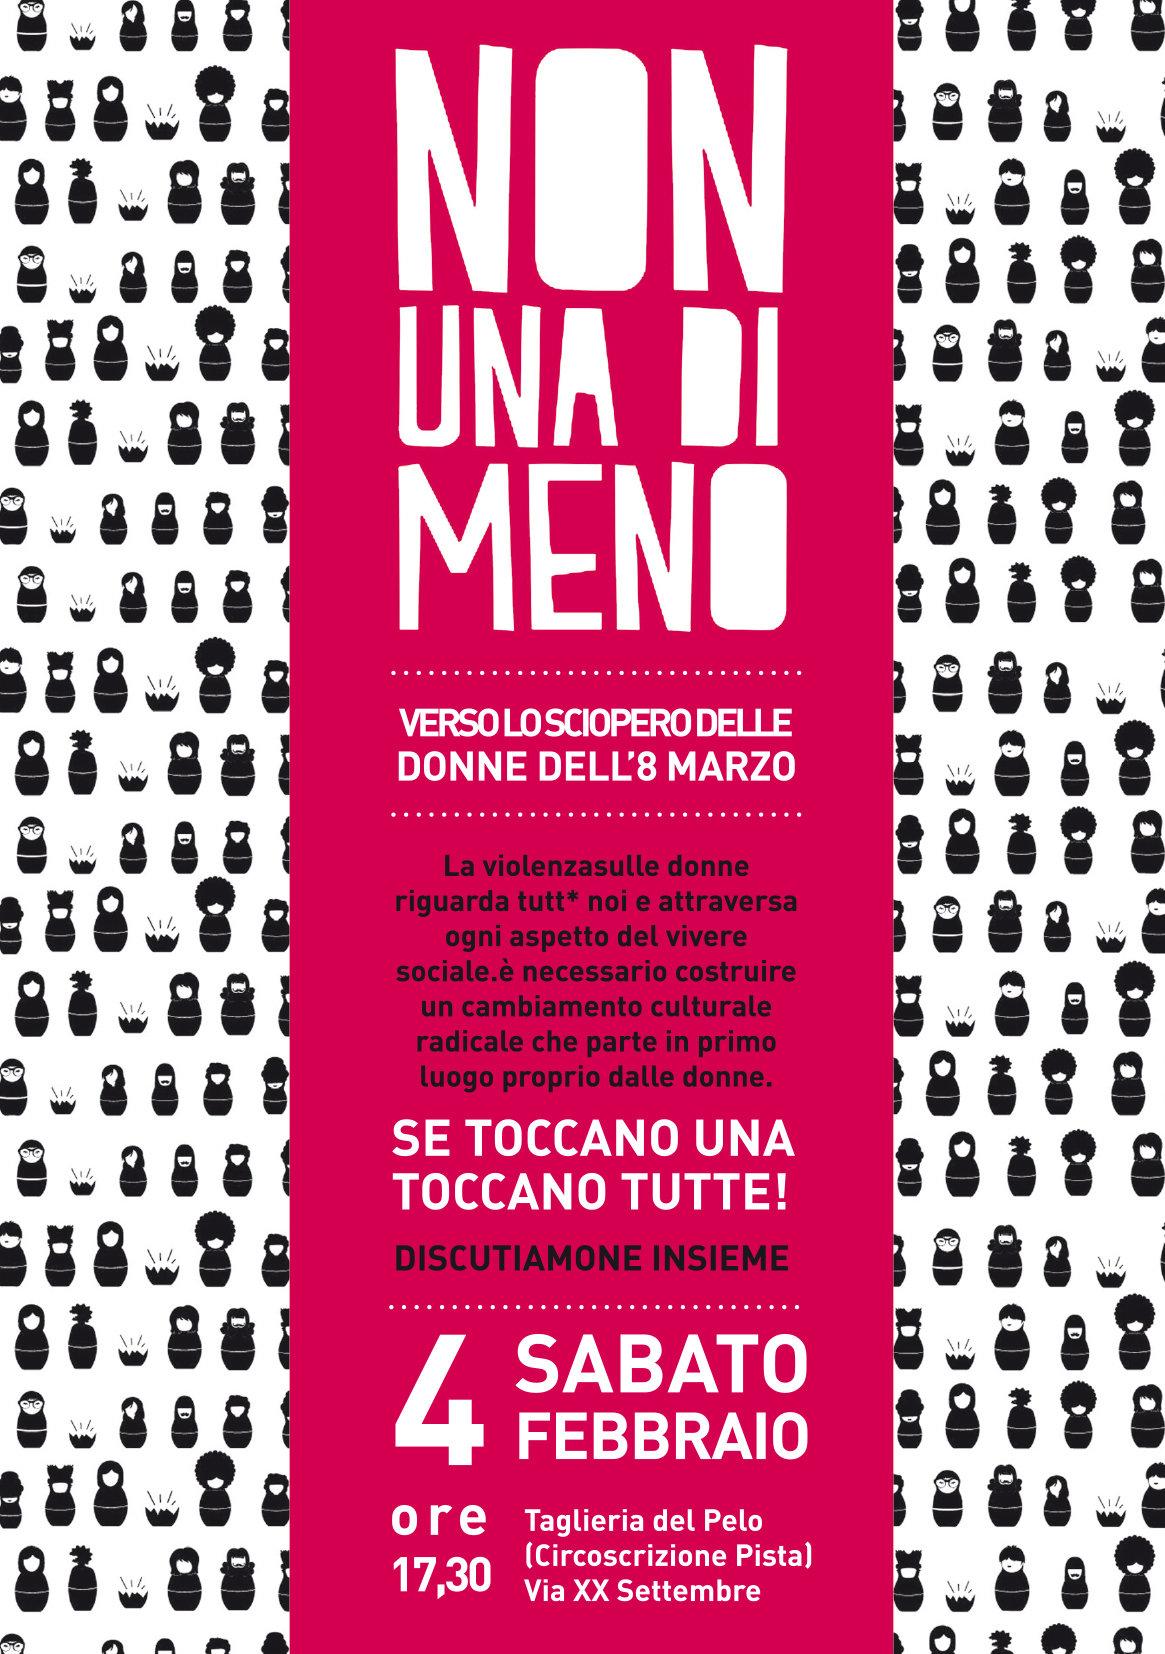 Non Una di Meno – Assemblea pubblica verso lo sciopero delle donne dell'8 Marzo